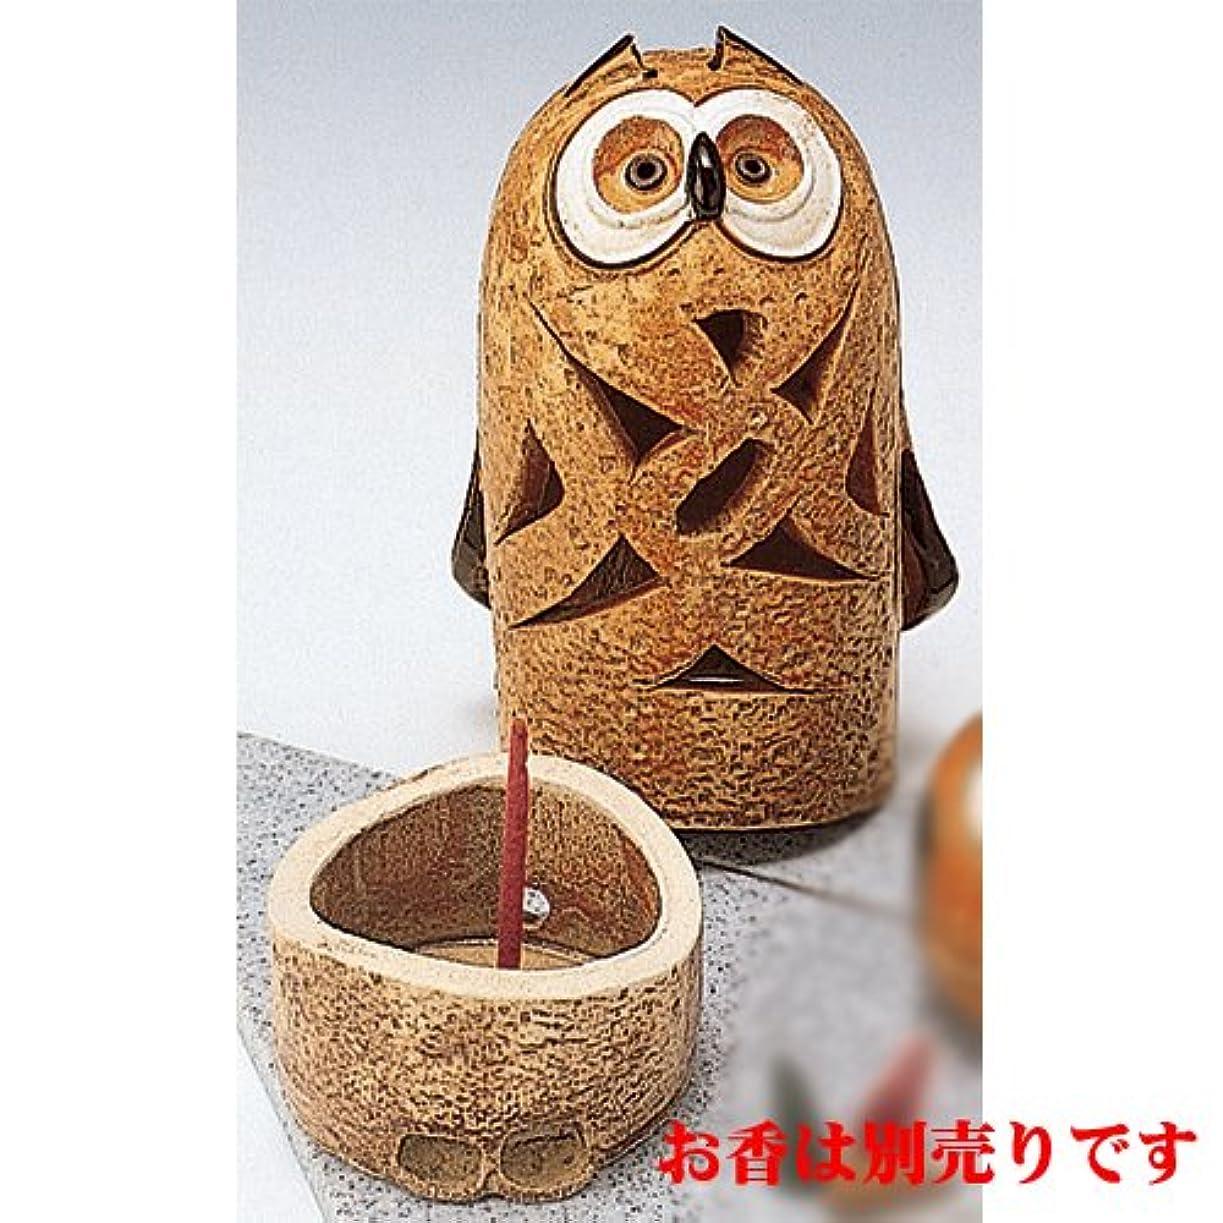 香炉 フクロウ 香炉(特大) [R8xH19.5cm] HANDMADE プレゼント ギフト 和食器 かわいい インテリア